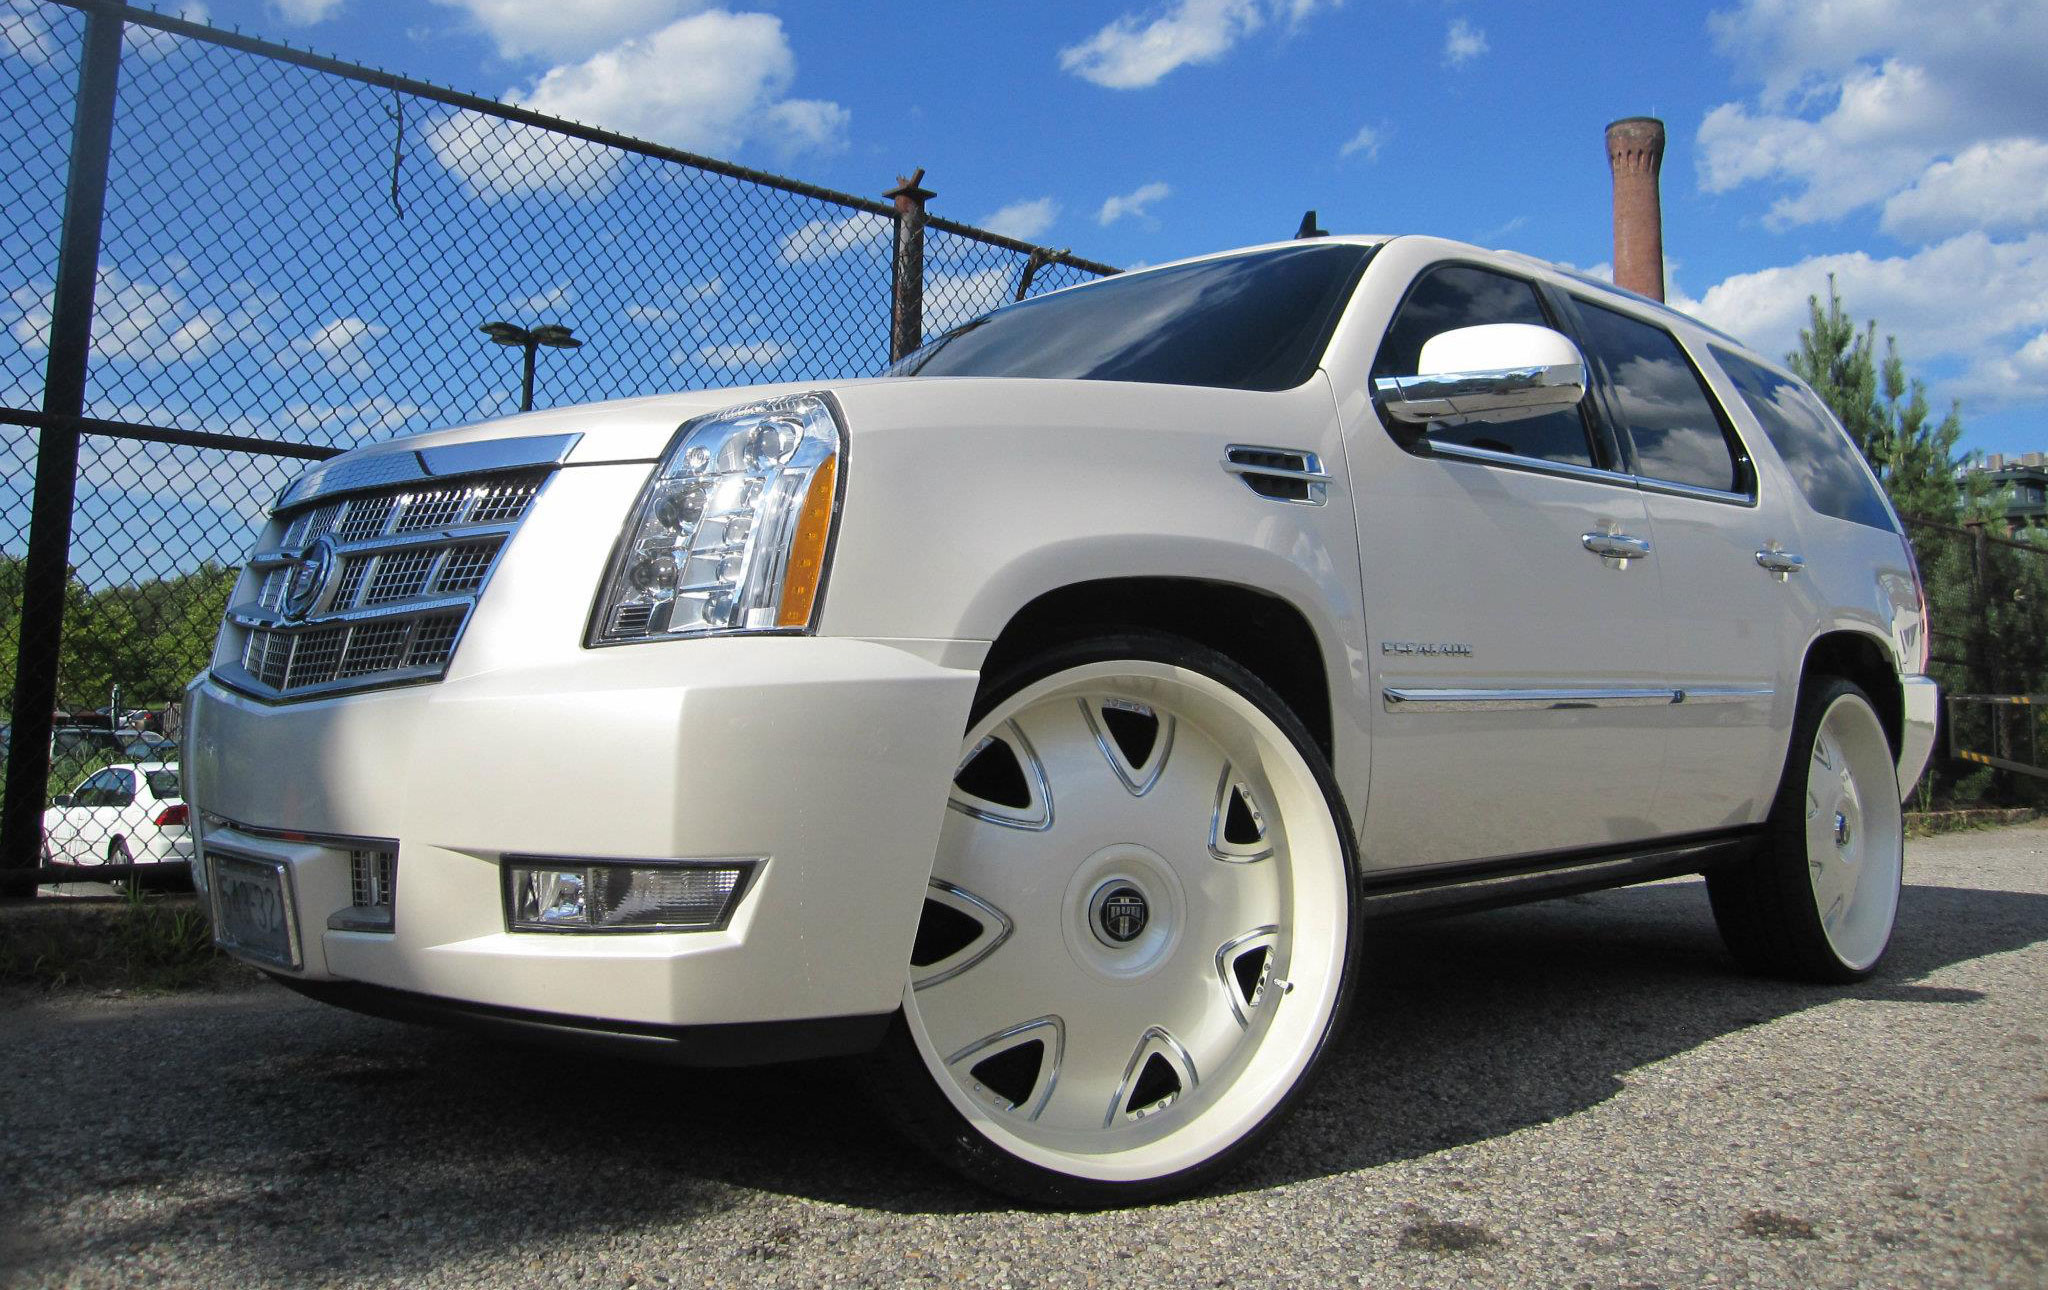 Cadillac Escalade Black Rims >> Cadillac Escalade Bandito - S138 Gallery - MHT Wheels Inc.